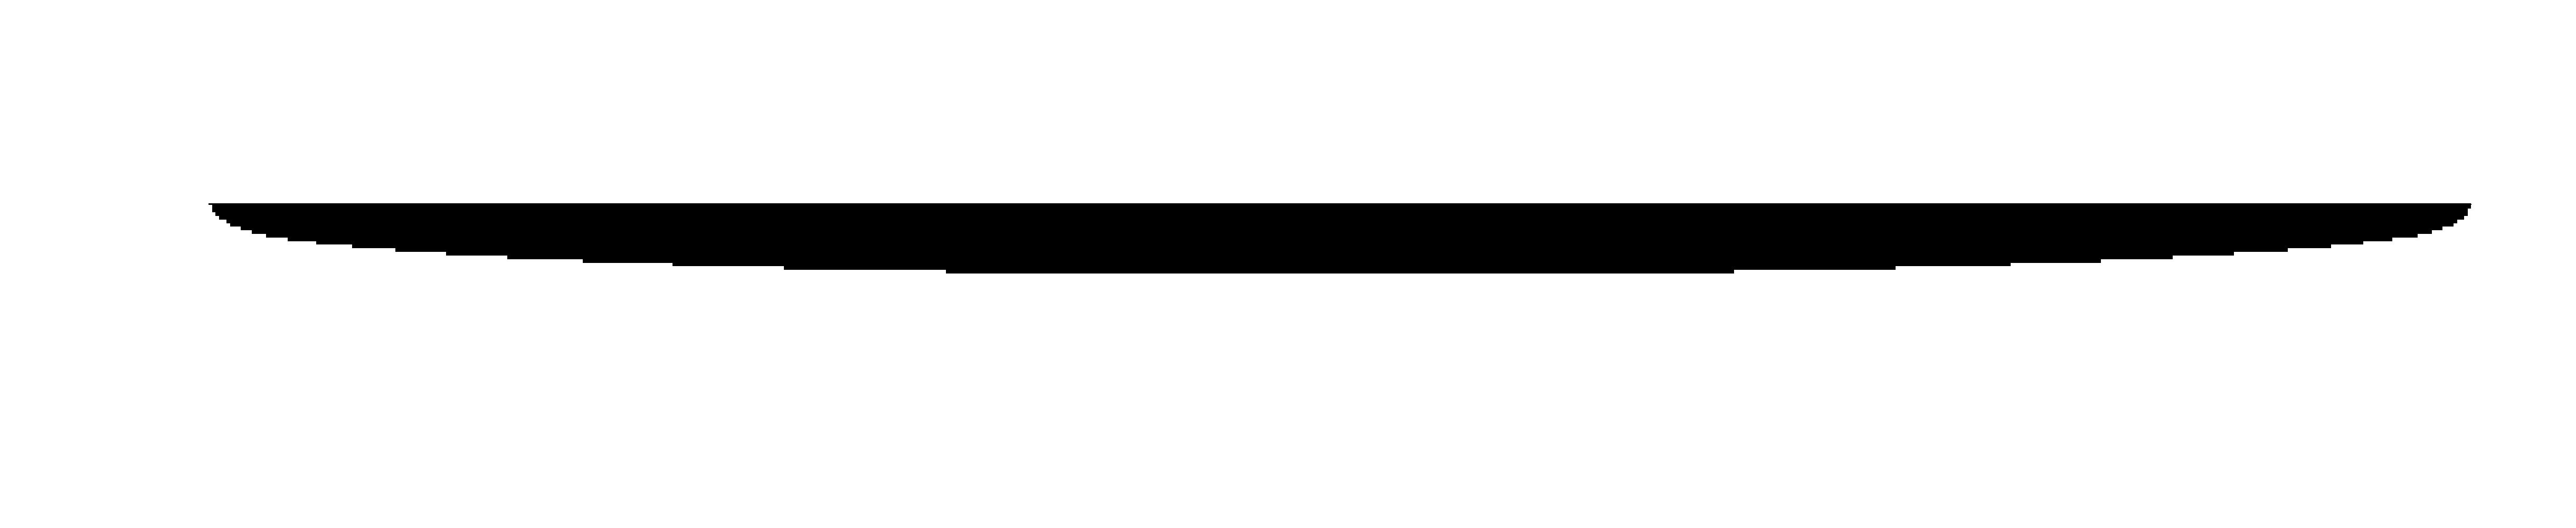 divider-lines-png